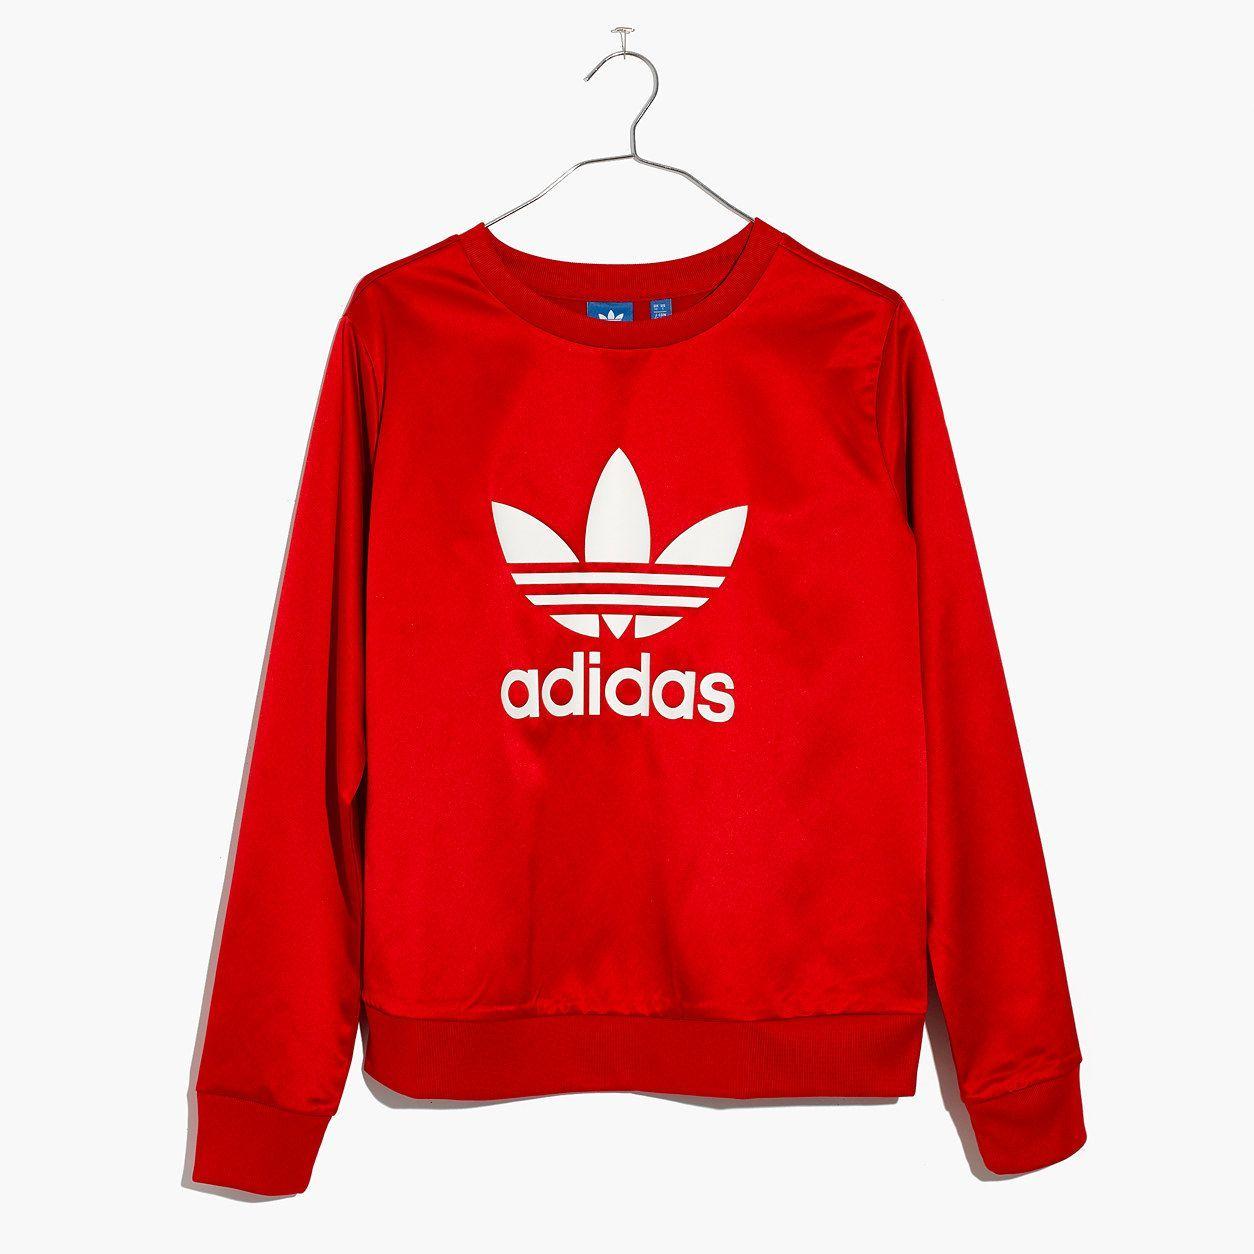 87971a193e6e Madewell Womens Adidas Originals Trefoil Crewneck Sweatshirt In Red ...